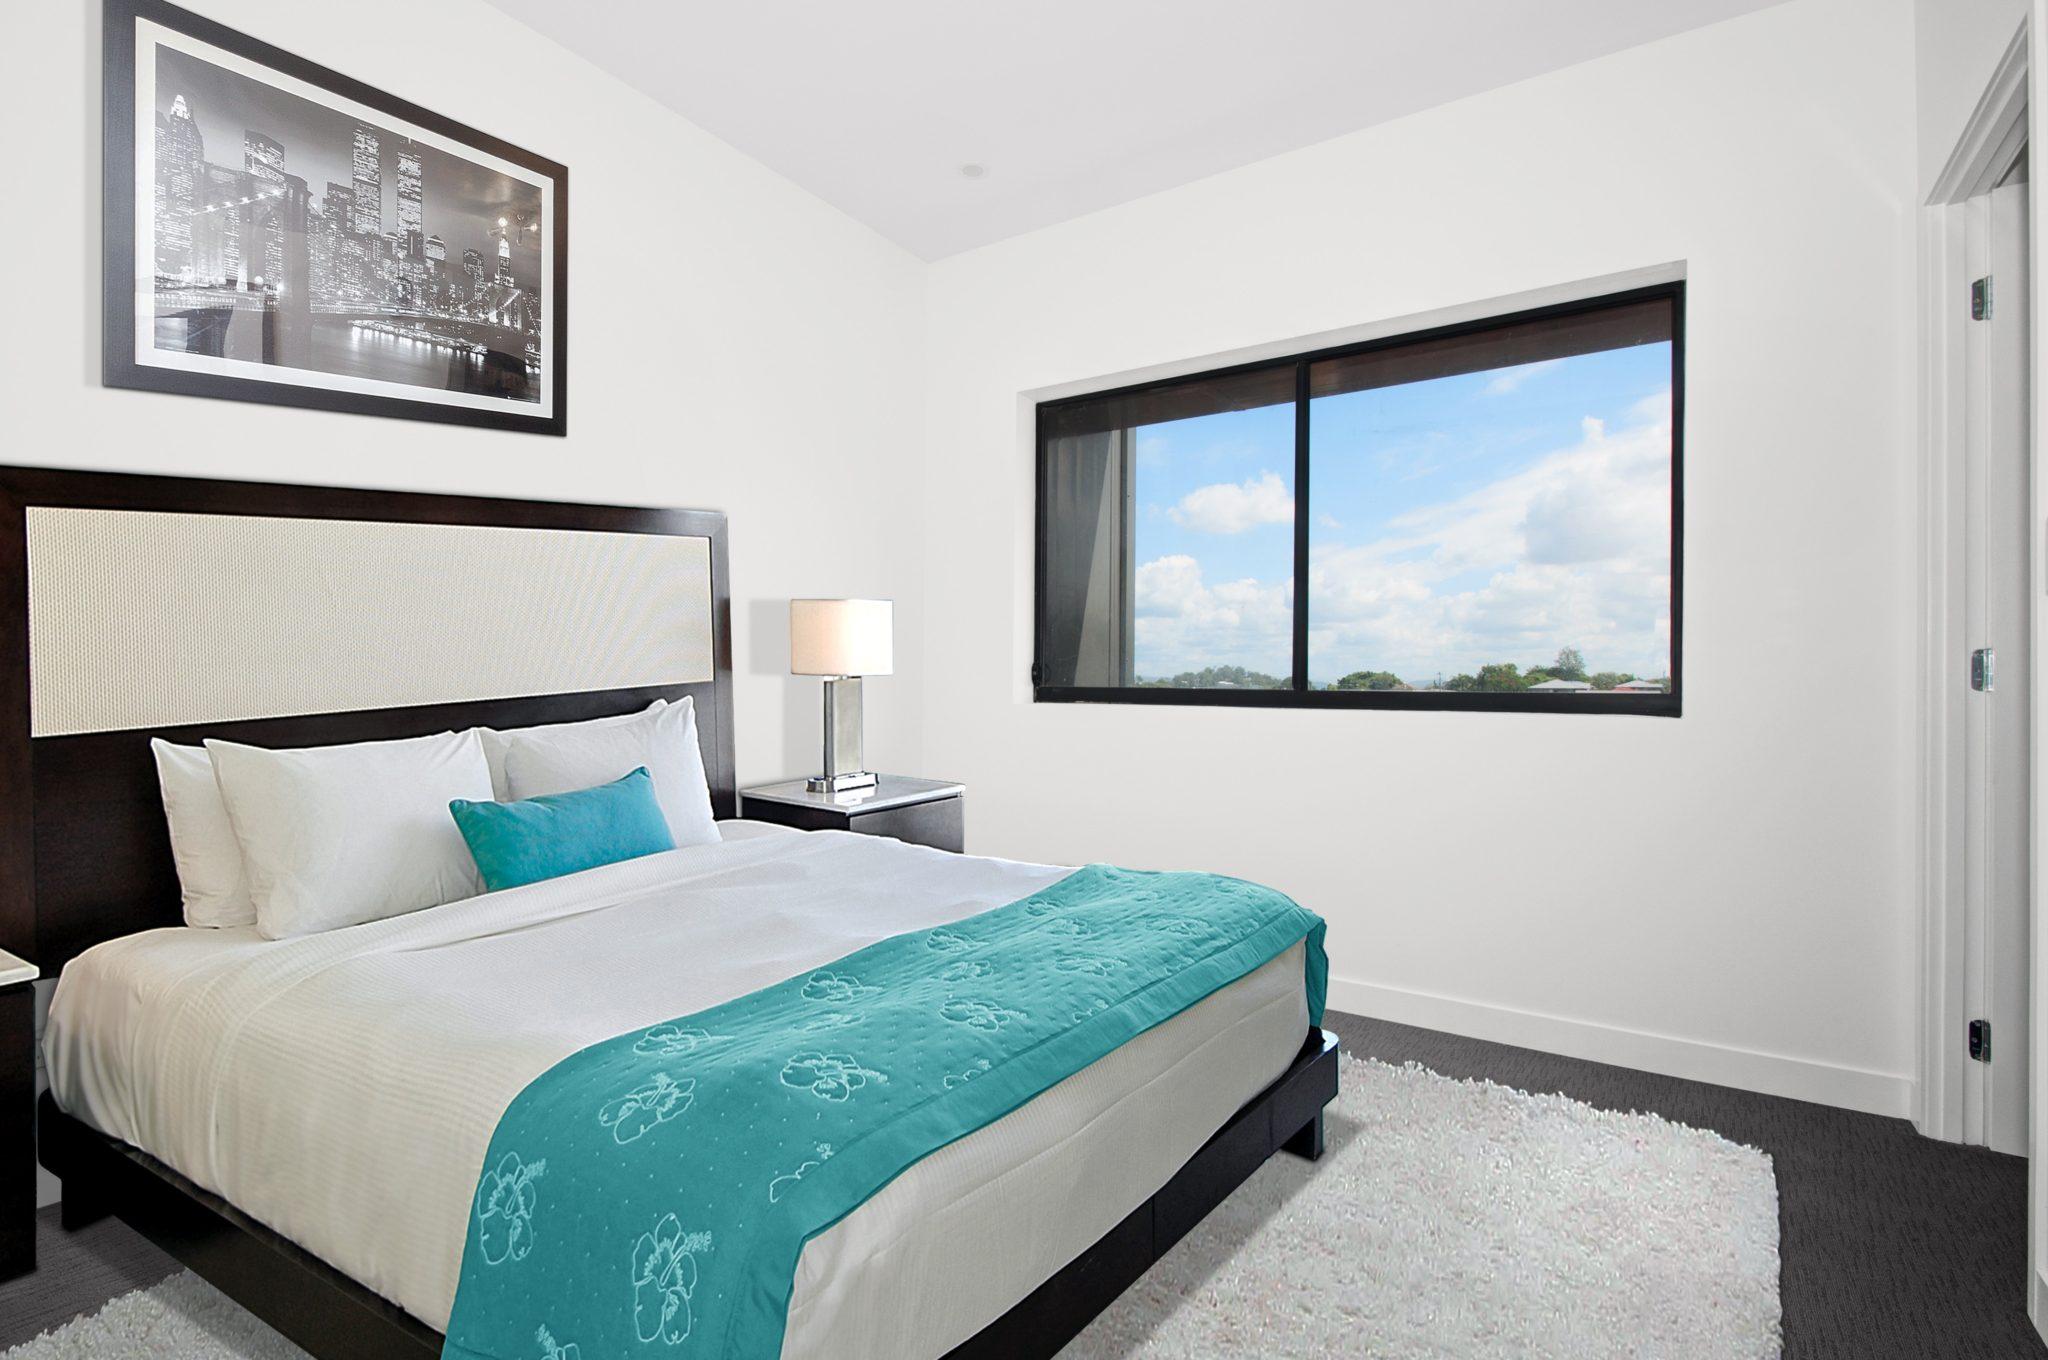 クイーンベッドで寝る時の布団やシーツのサイズは?